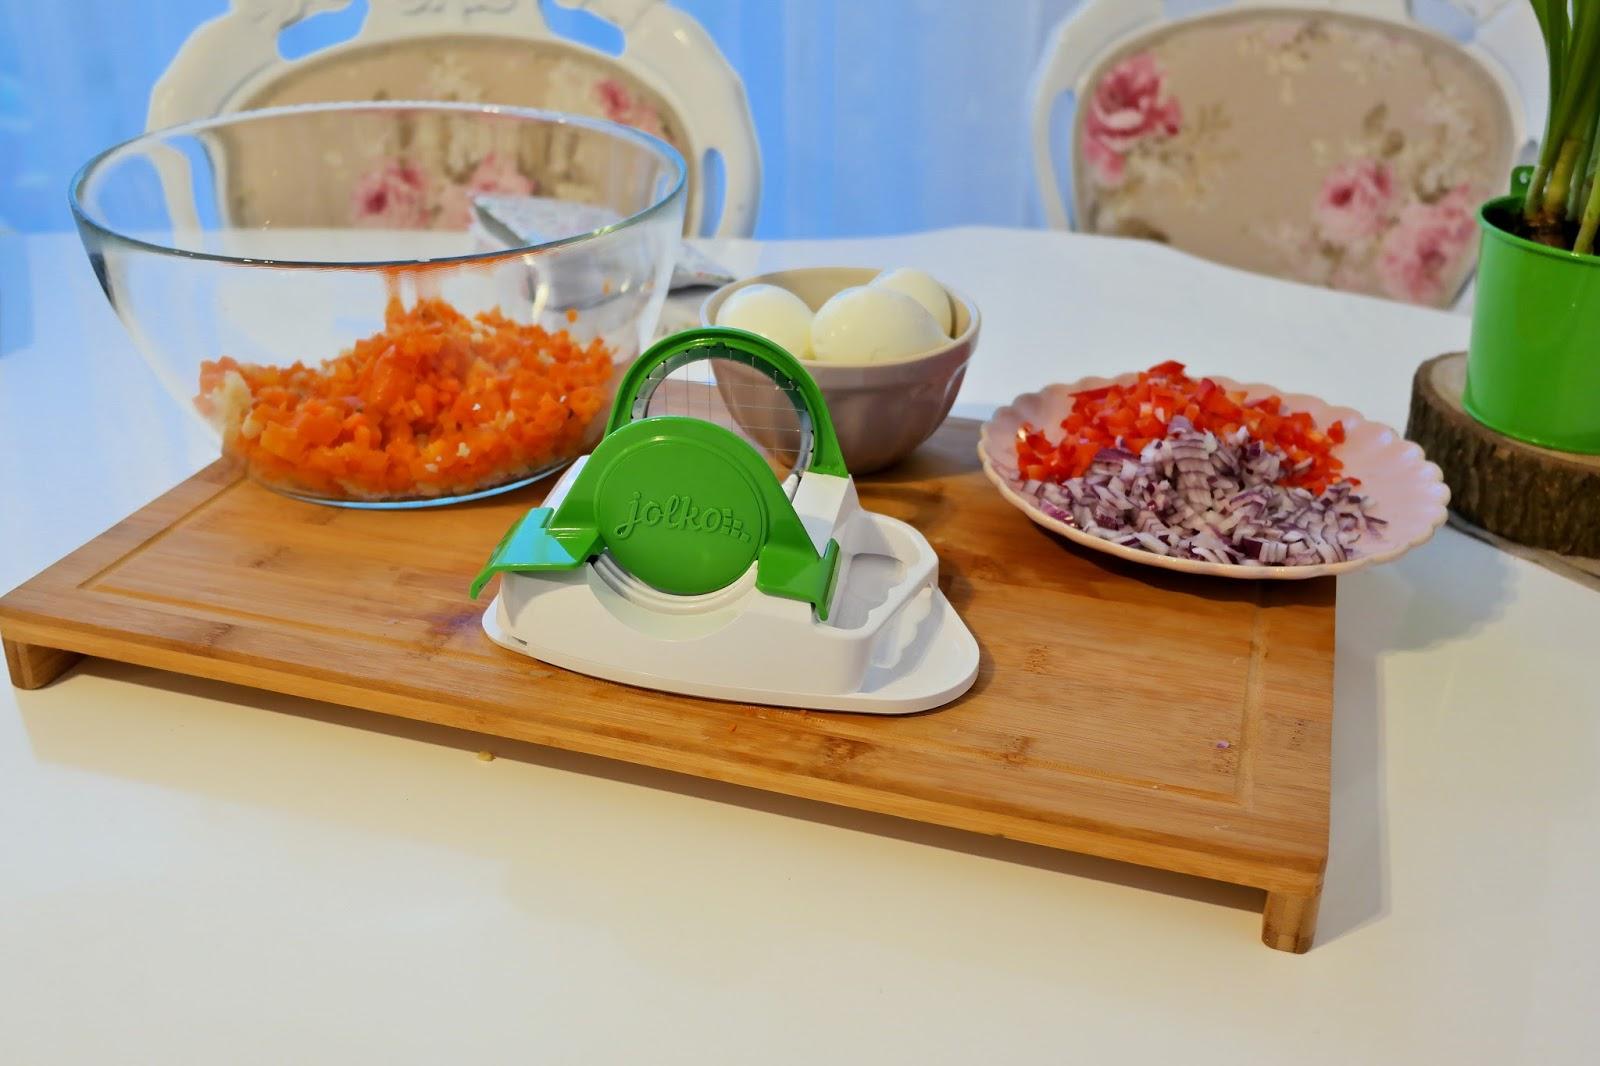 jak łatwo pokroić warzywa na sałatkę